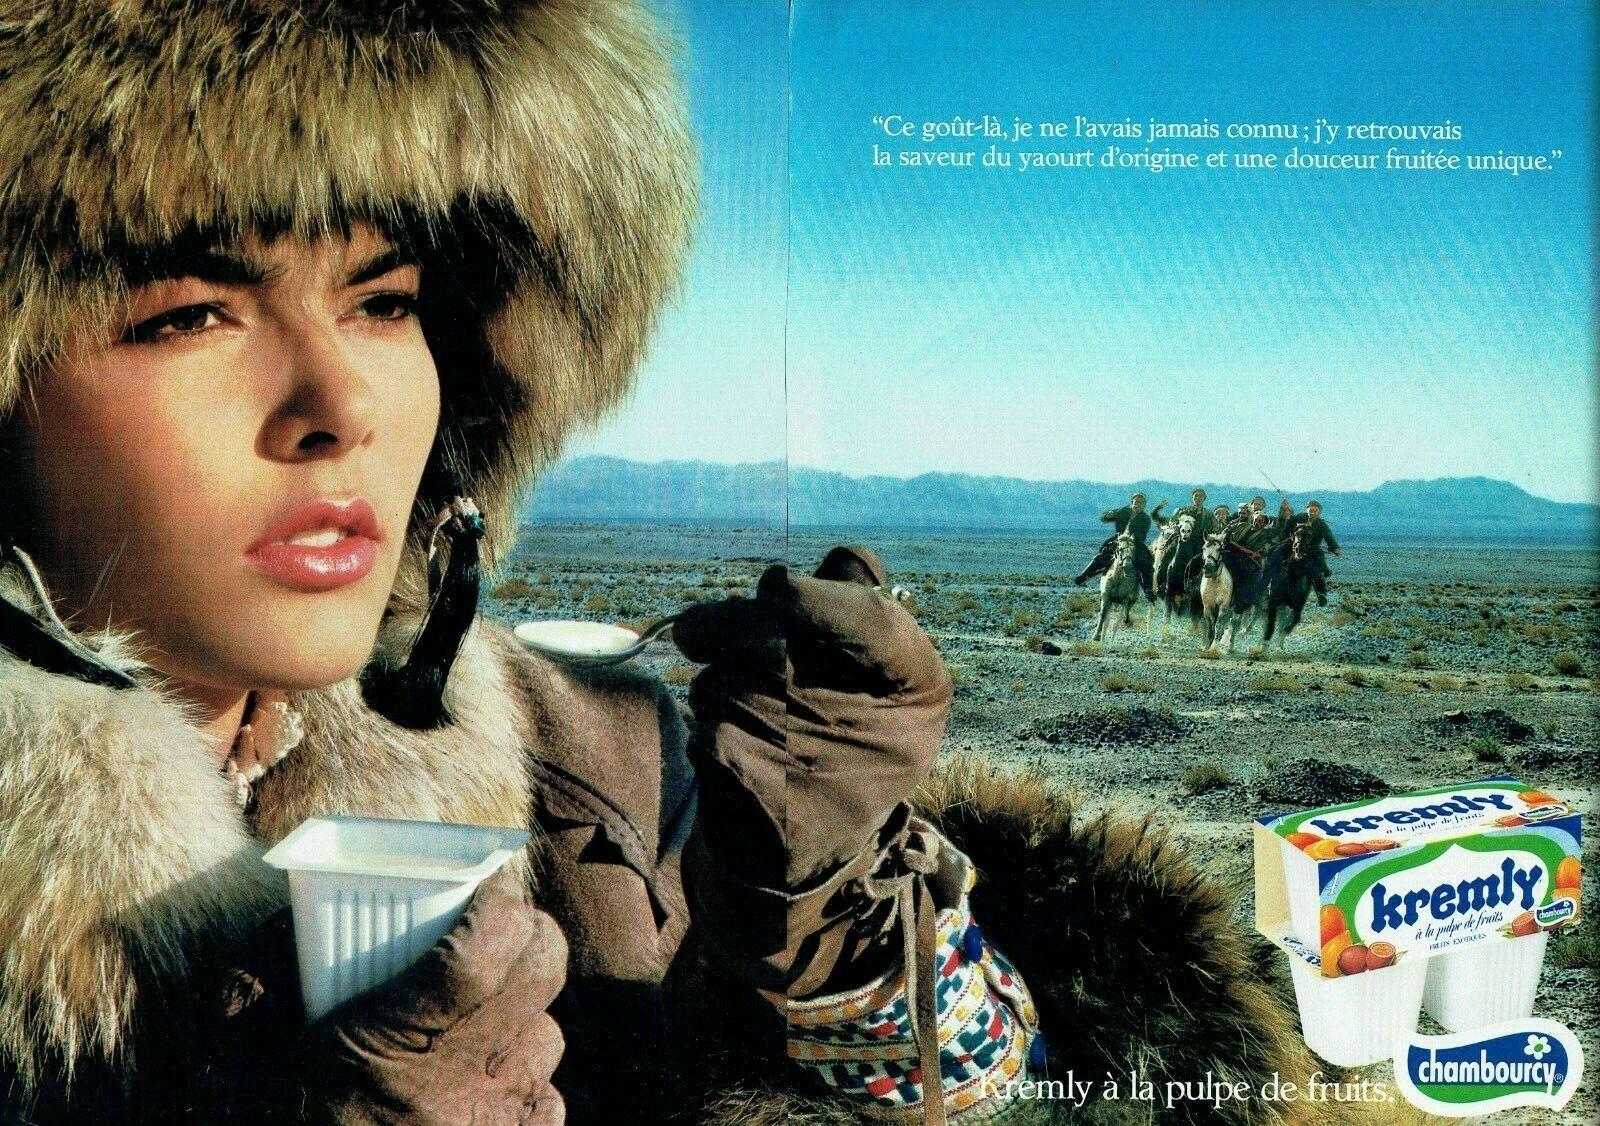 1987 yaourt gout Bulgare Chambourcy